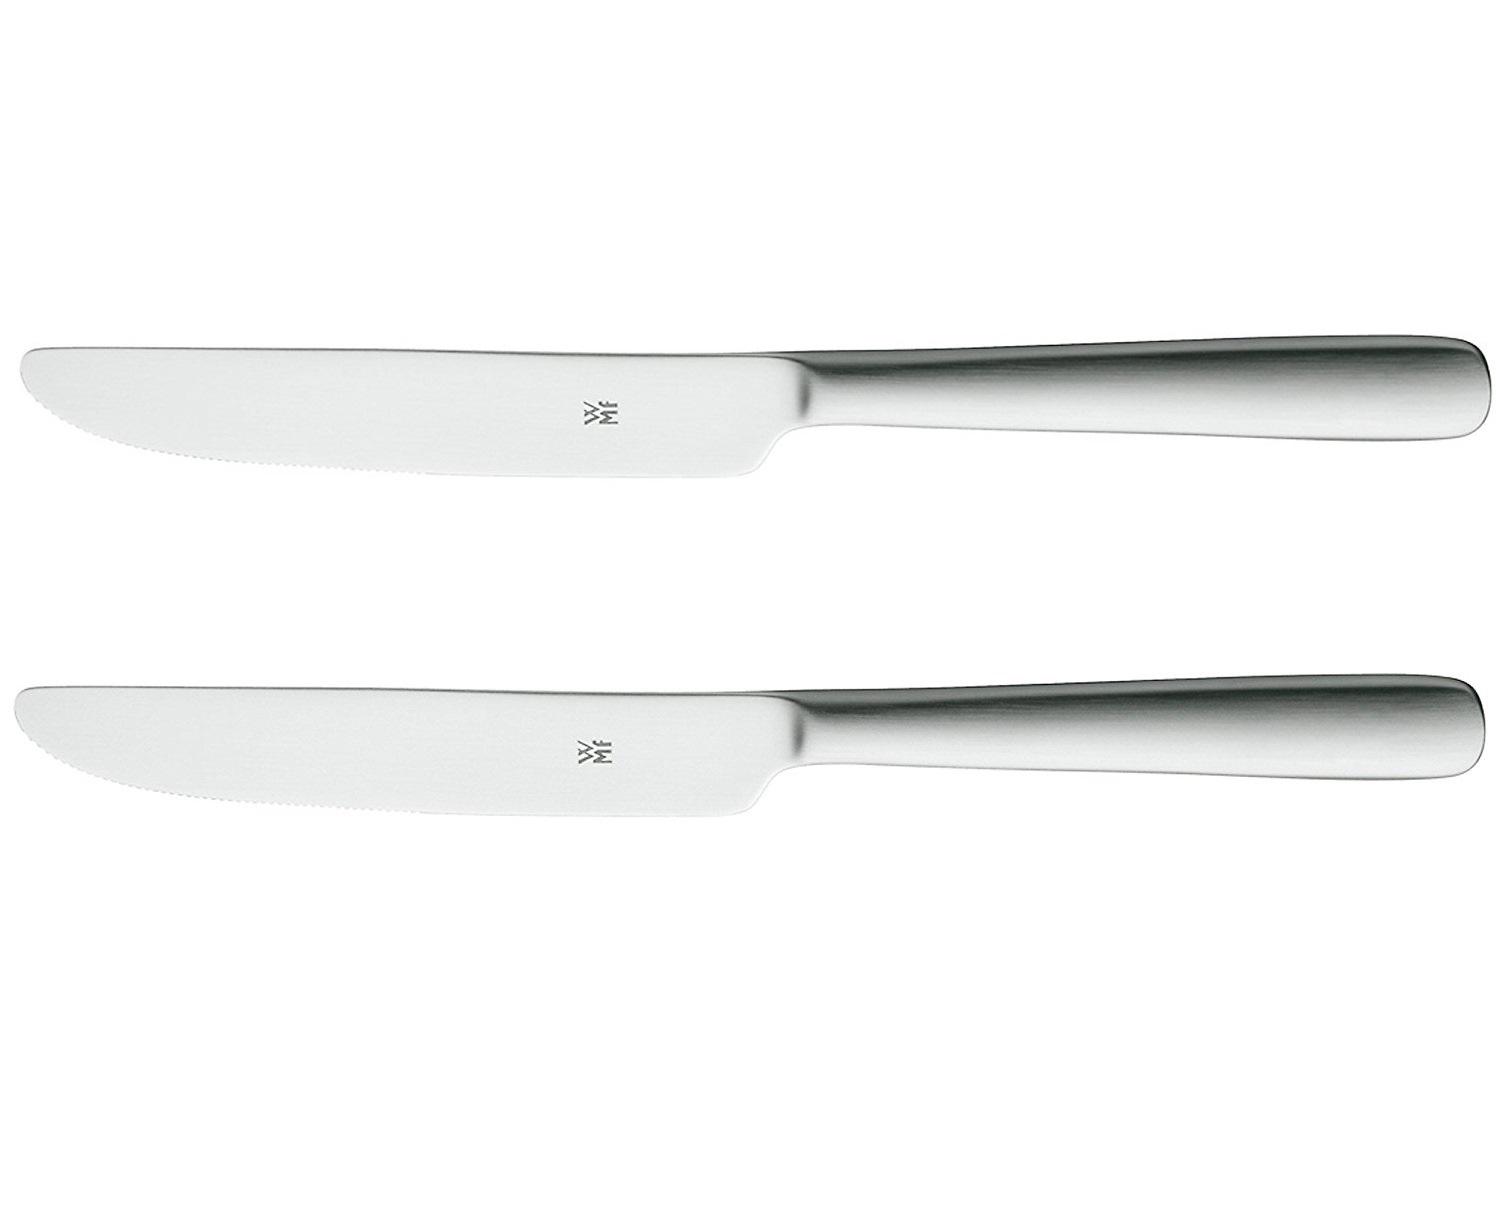 Онлайн каталог PROMENU: Набор ножей для фруктов WMF PREGO, серебристый, 2 штуки WMF 12 8472 6030